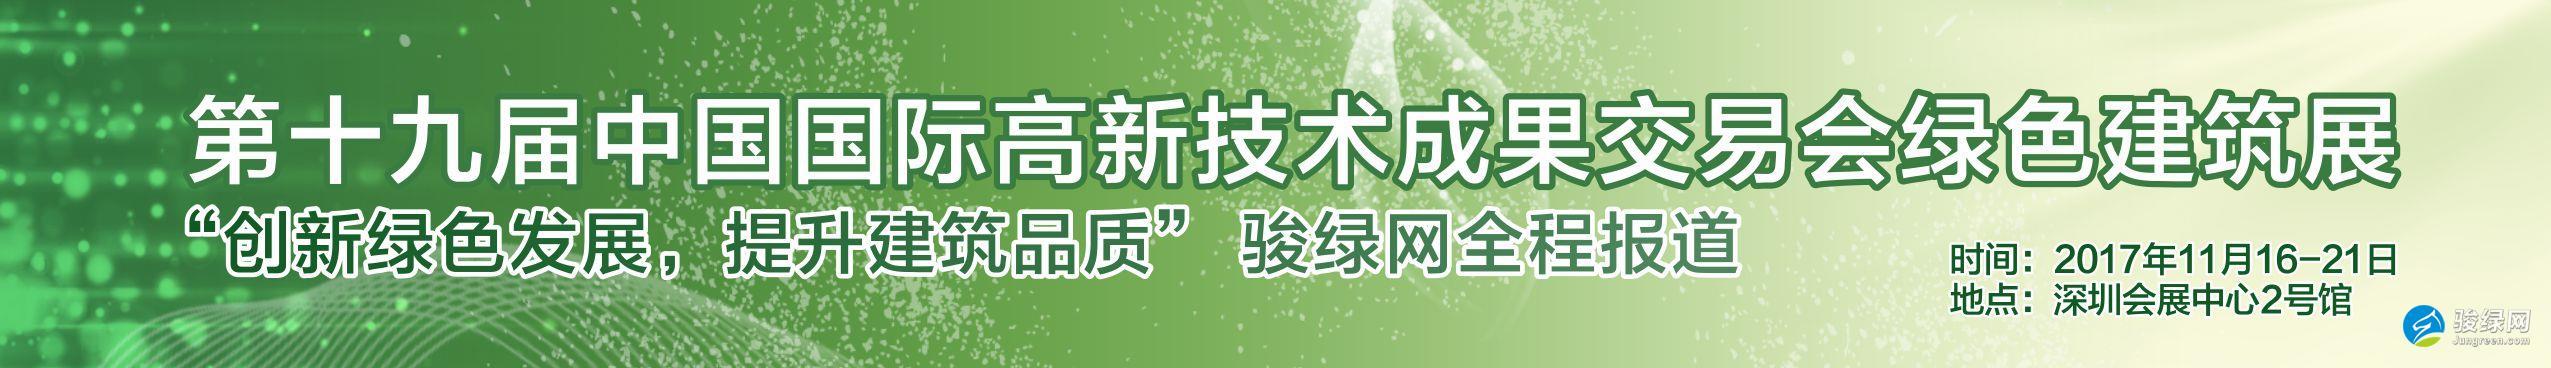 绿色装配第一直播-骏绿网